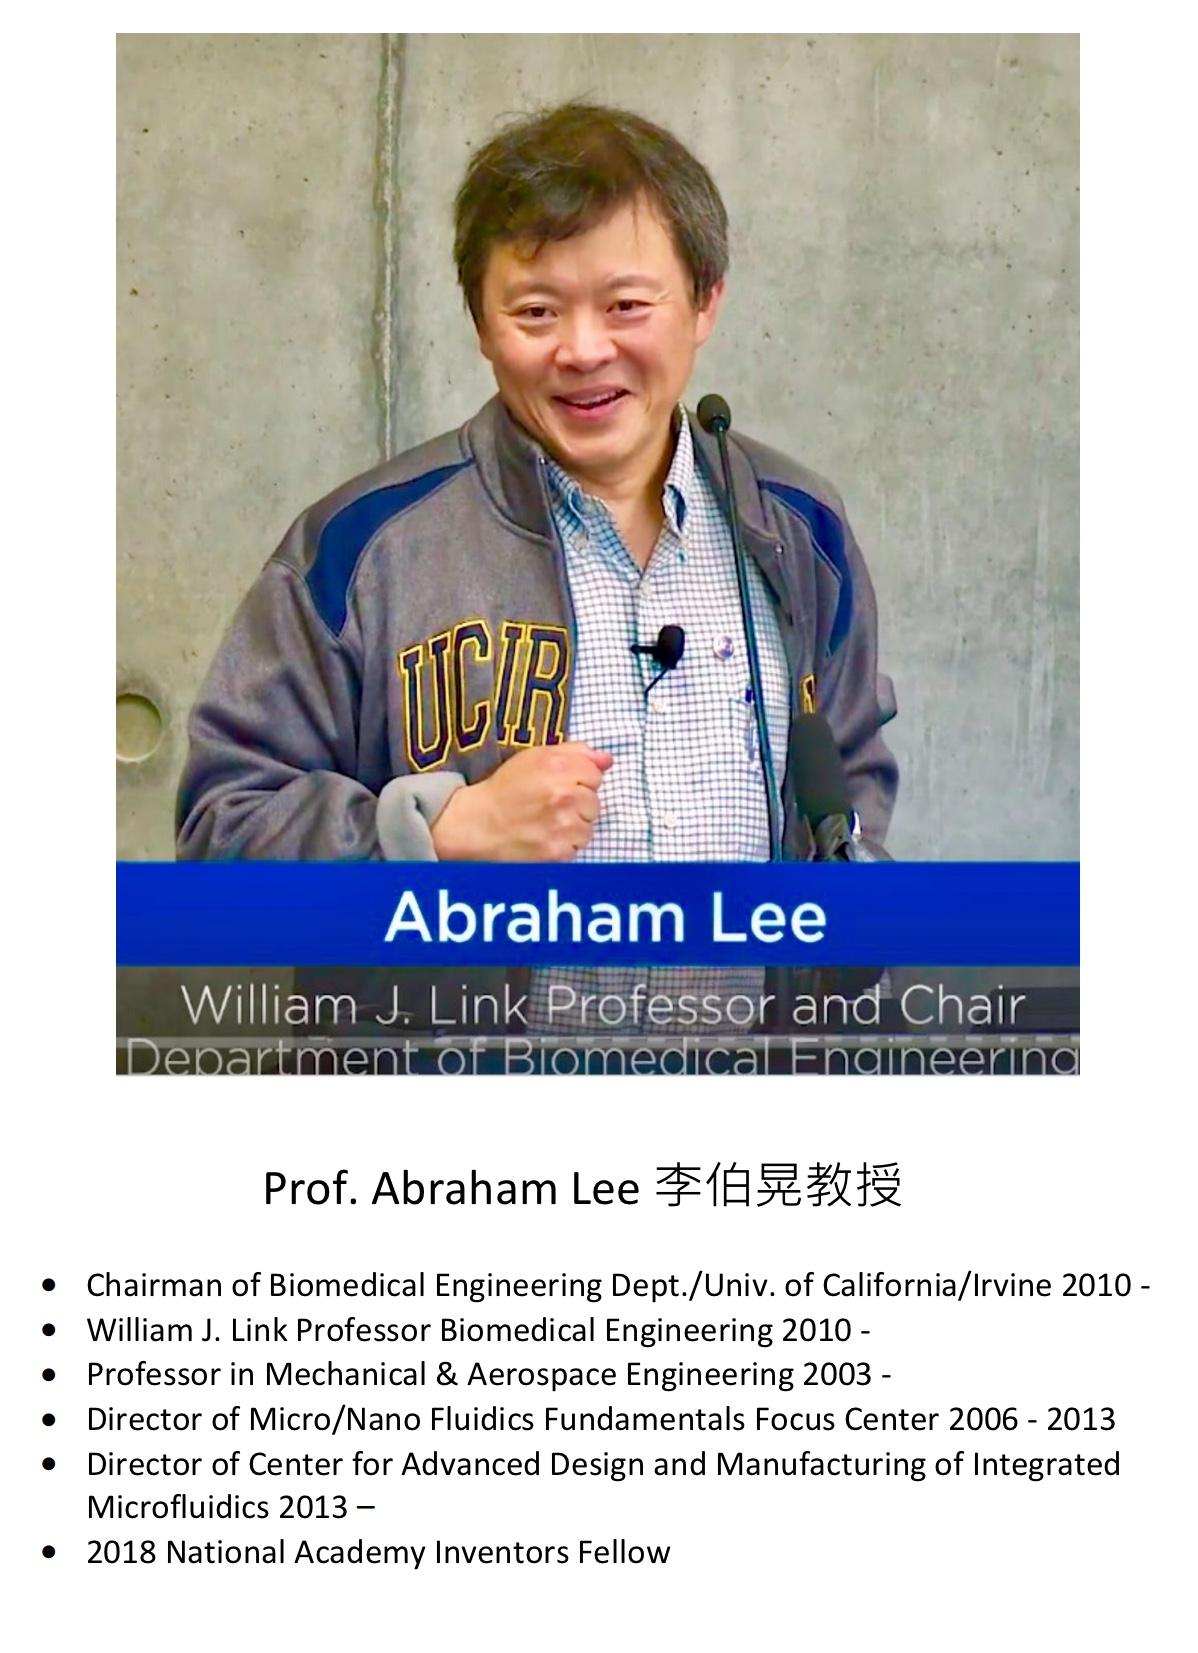 206. Prof. Abraham Lee 李伯晃教授